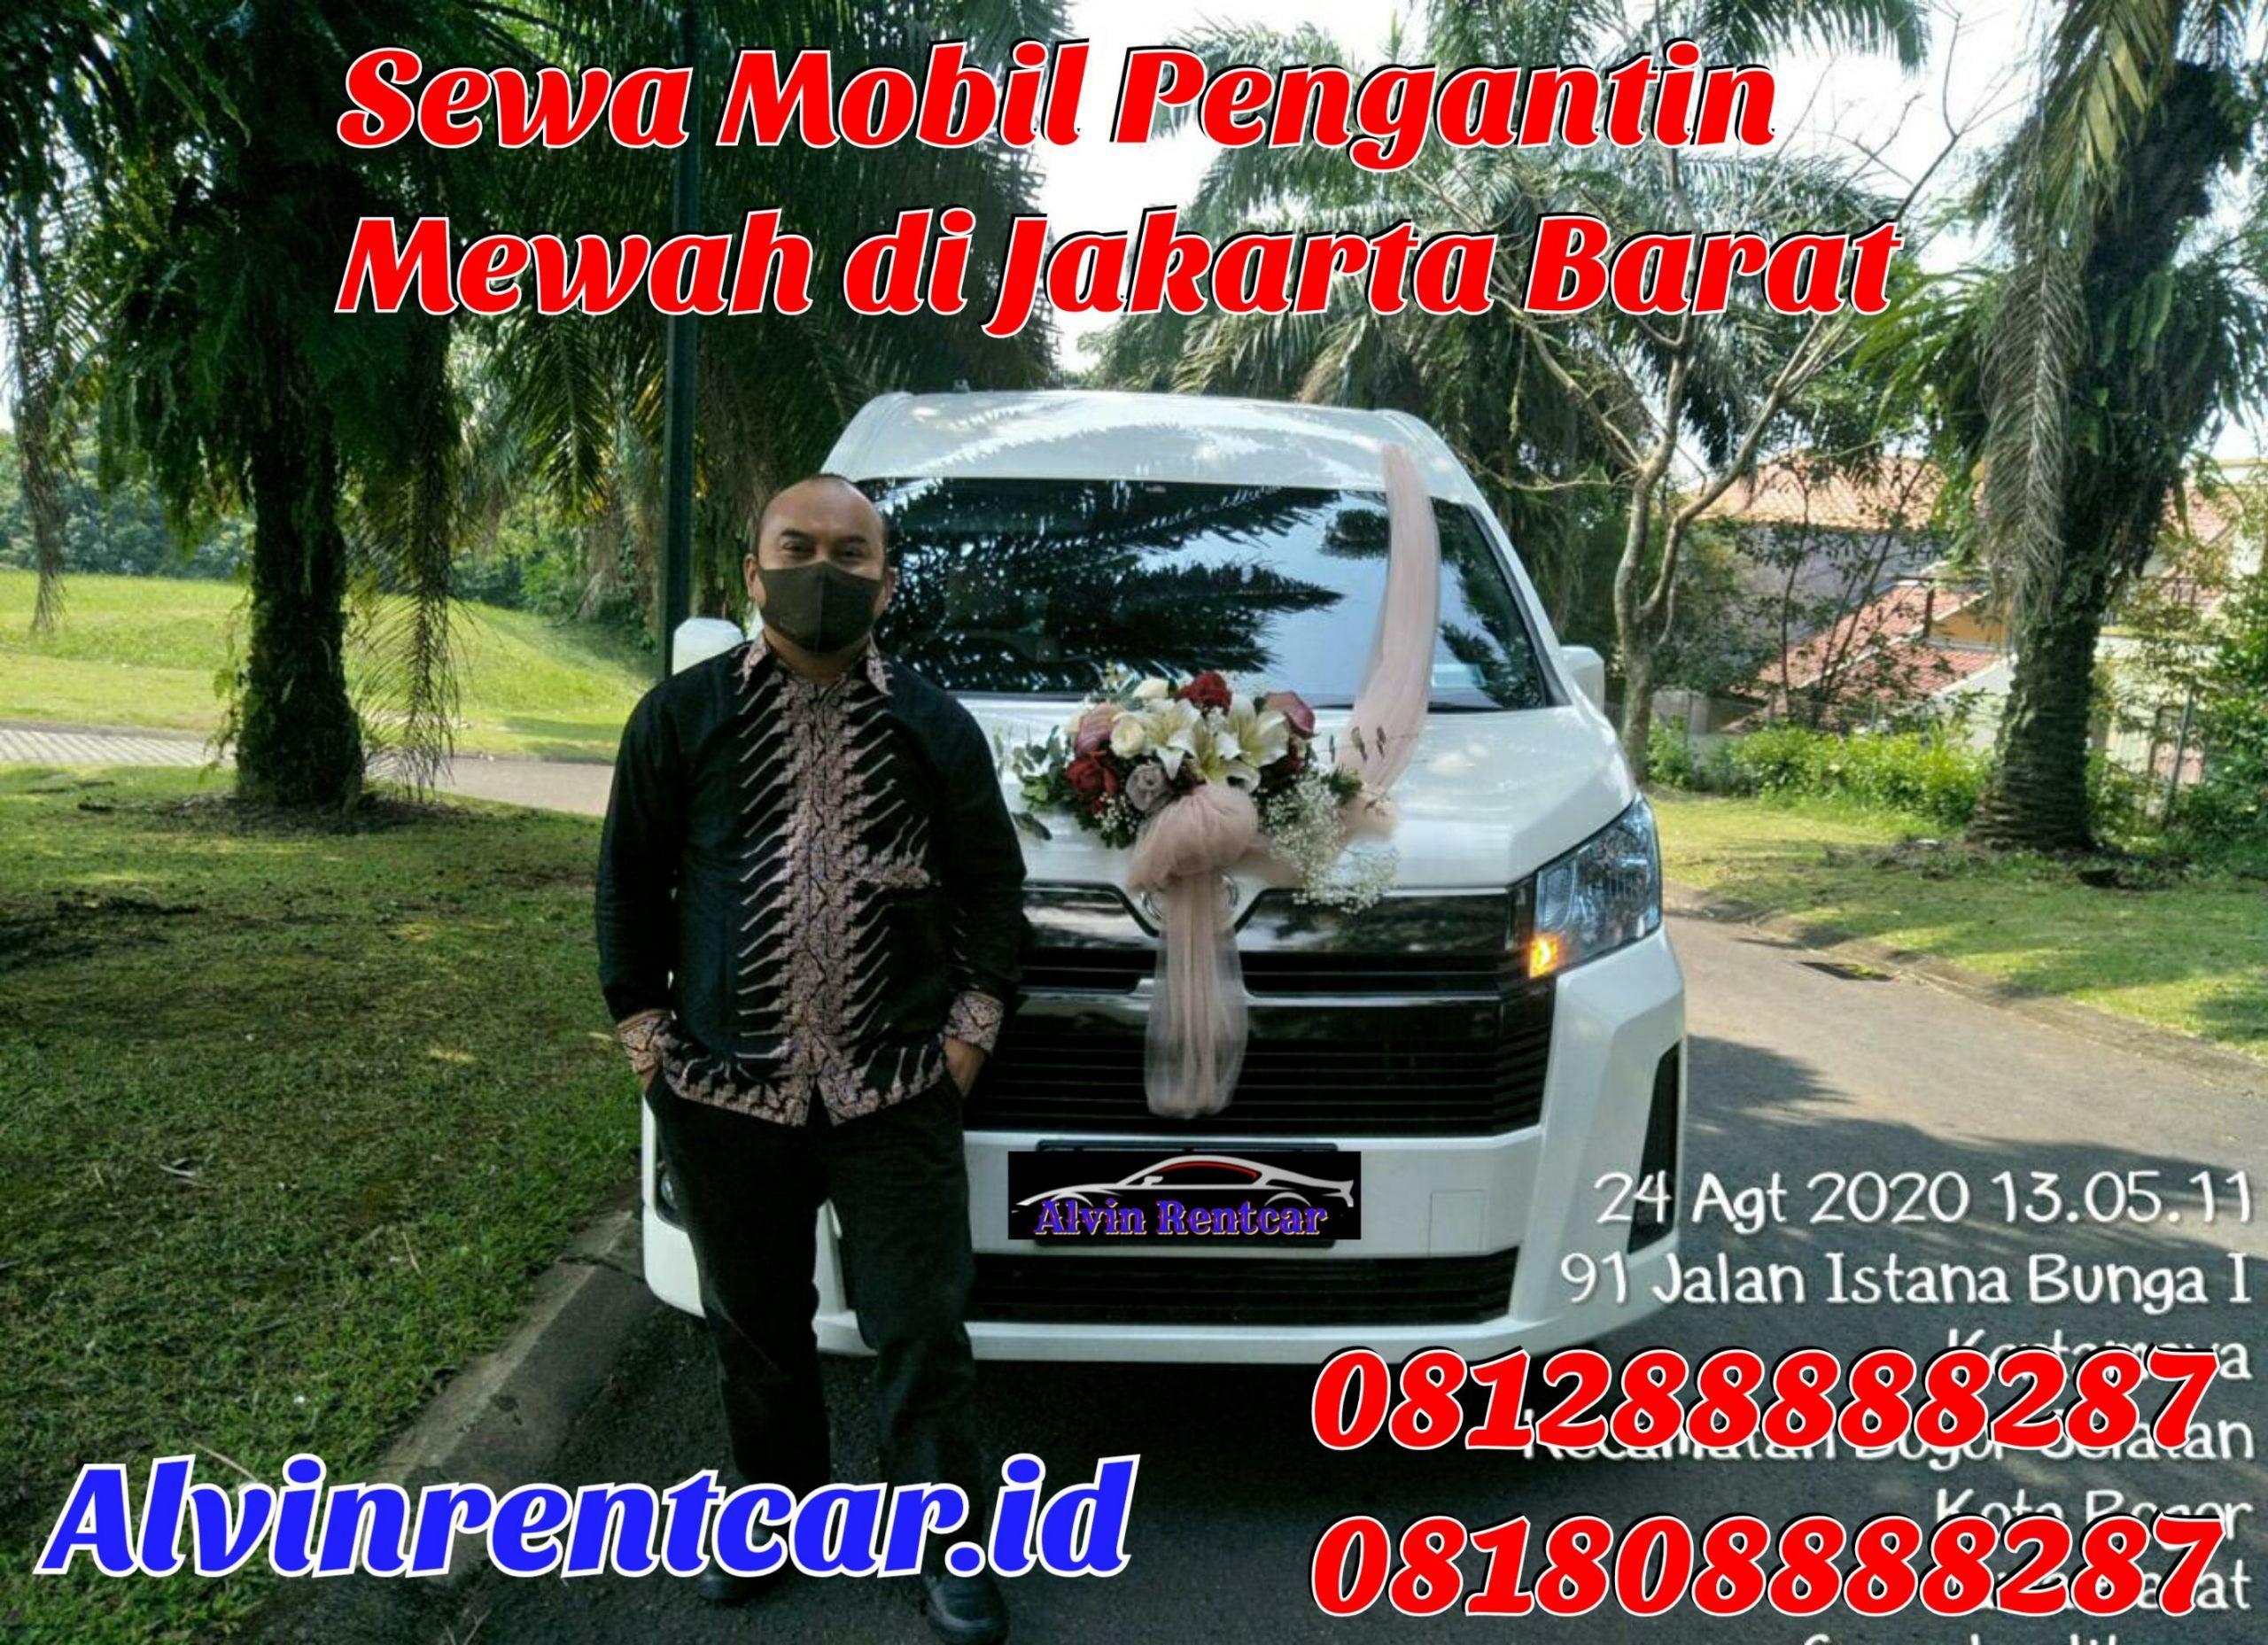 Sewa Mobil Pengantin Di Jakarta Barat Mobil Mewah Kendaraan Acara Pernikahan